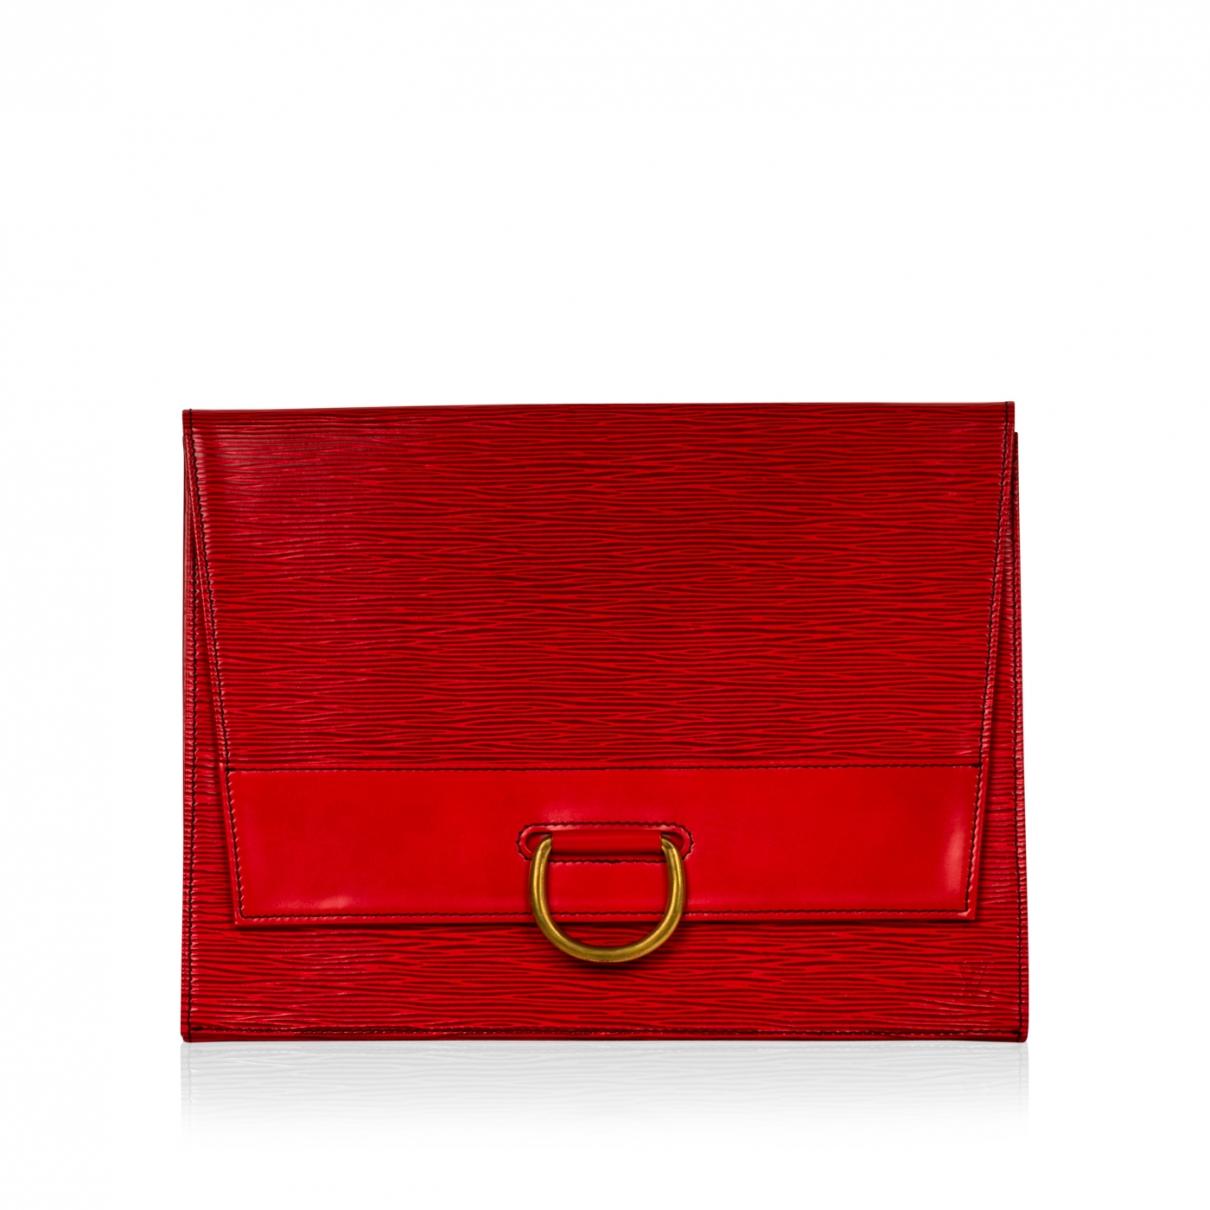 Louis Vuitton \N Red Cloth Clutch bag for Women \N